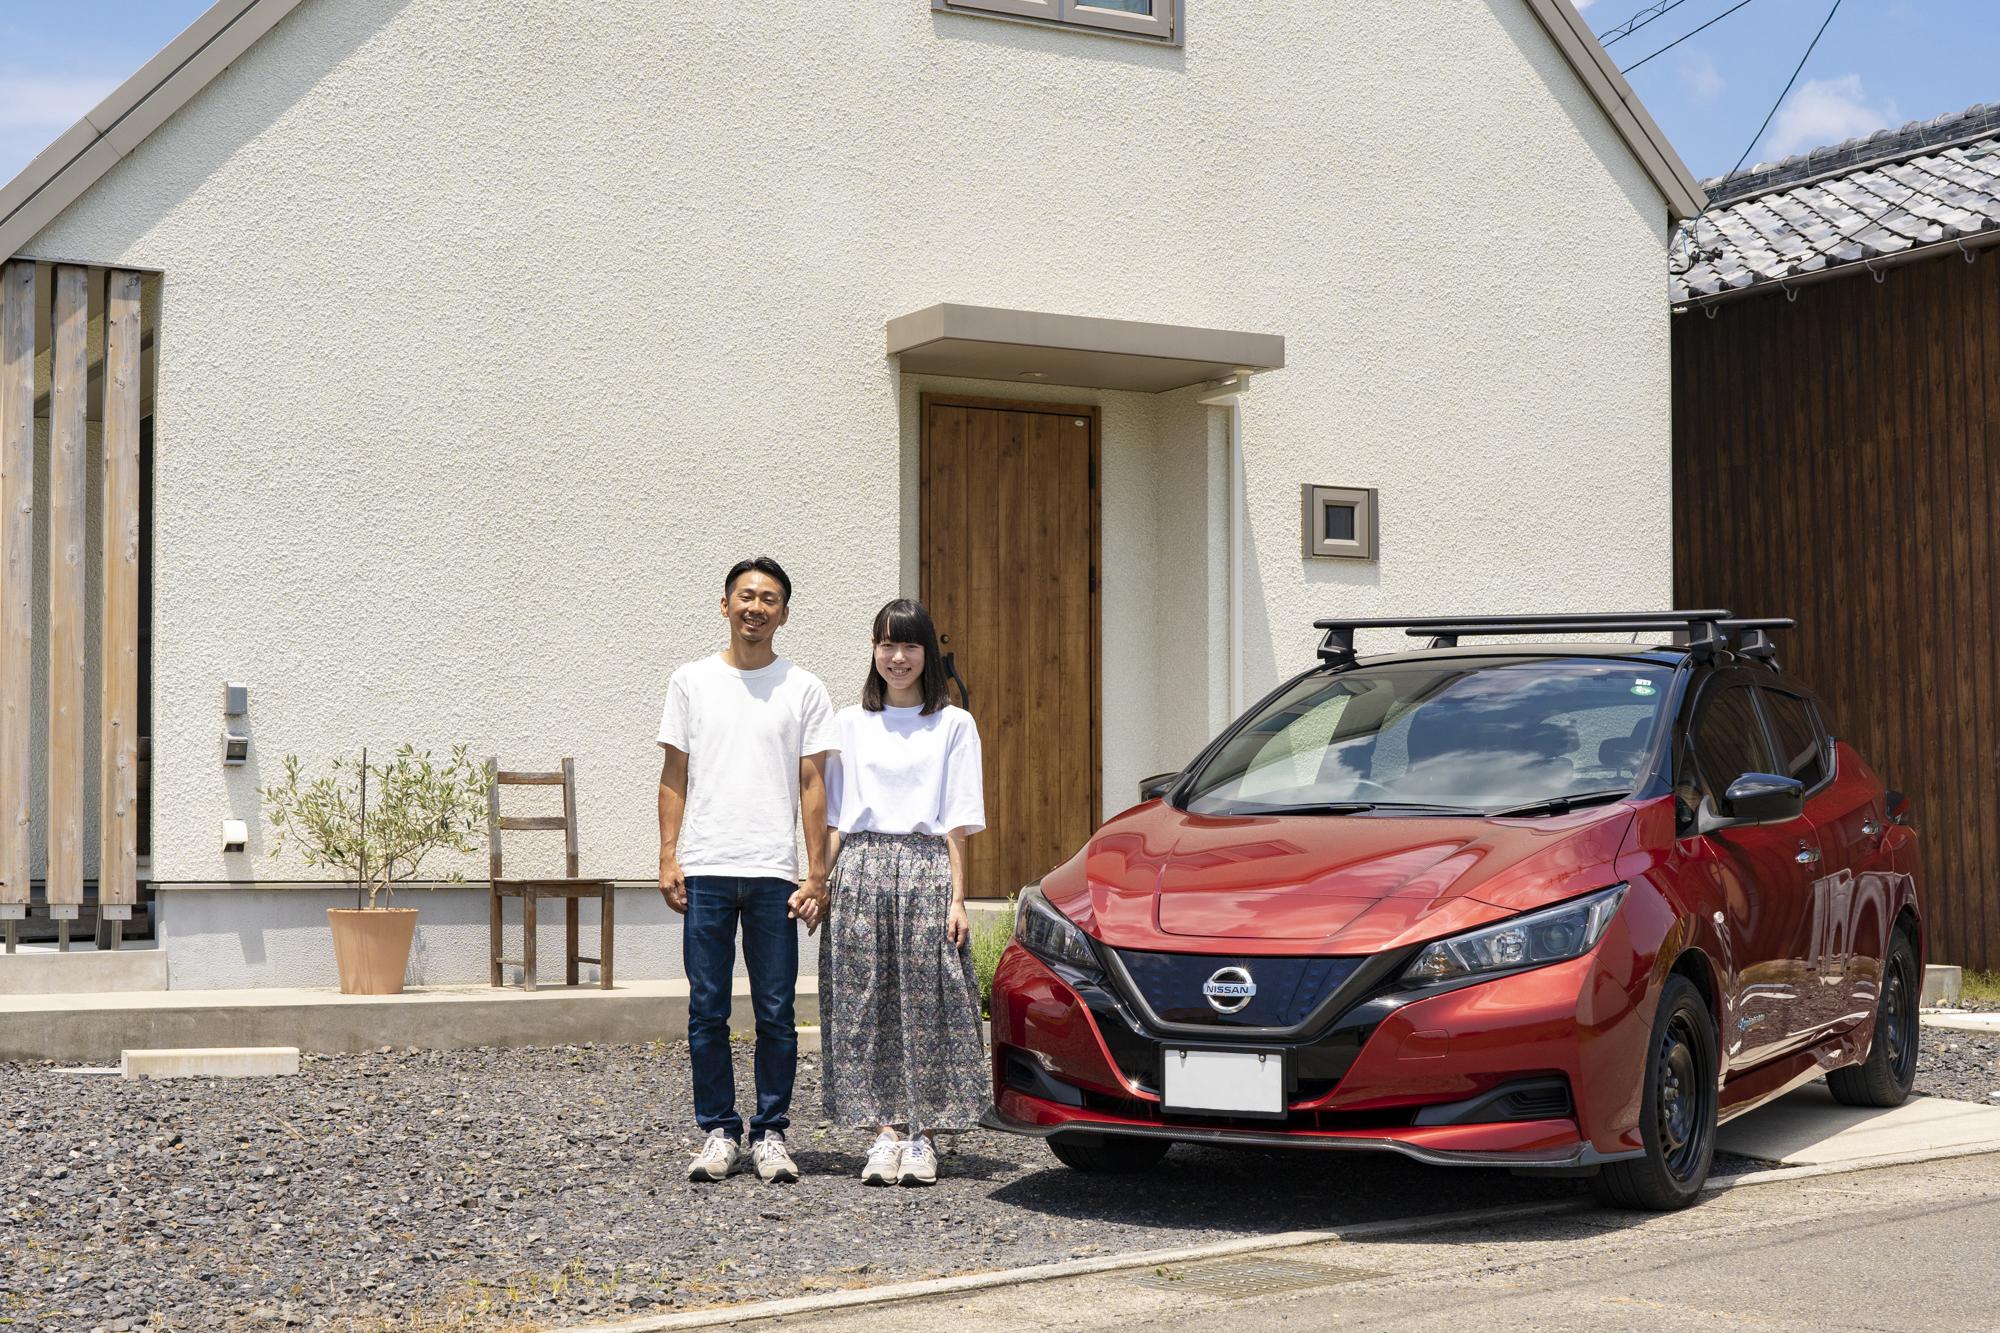 安藤さん夫婦と車